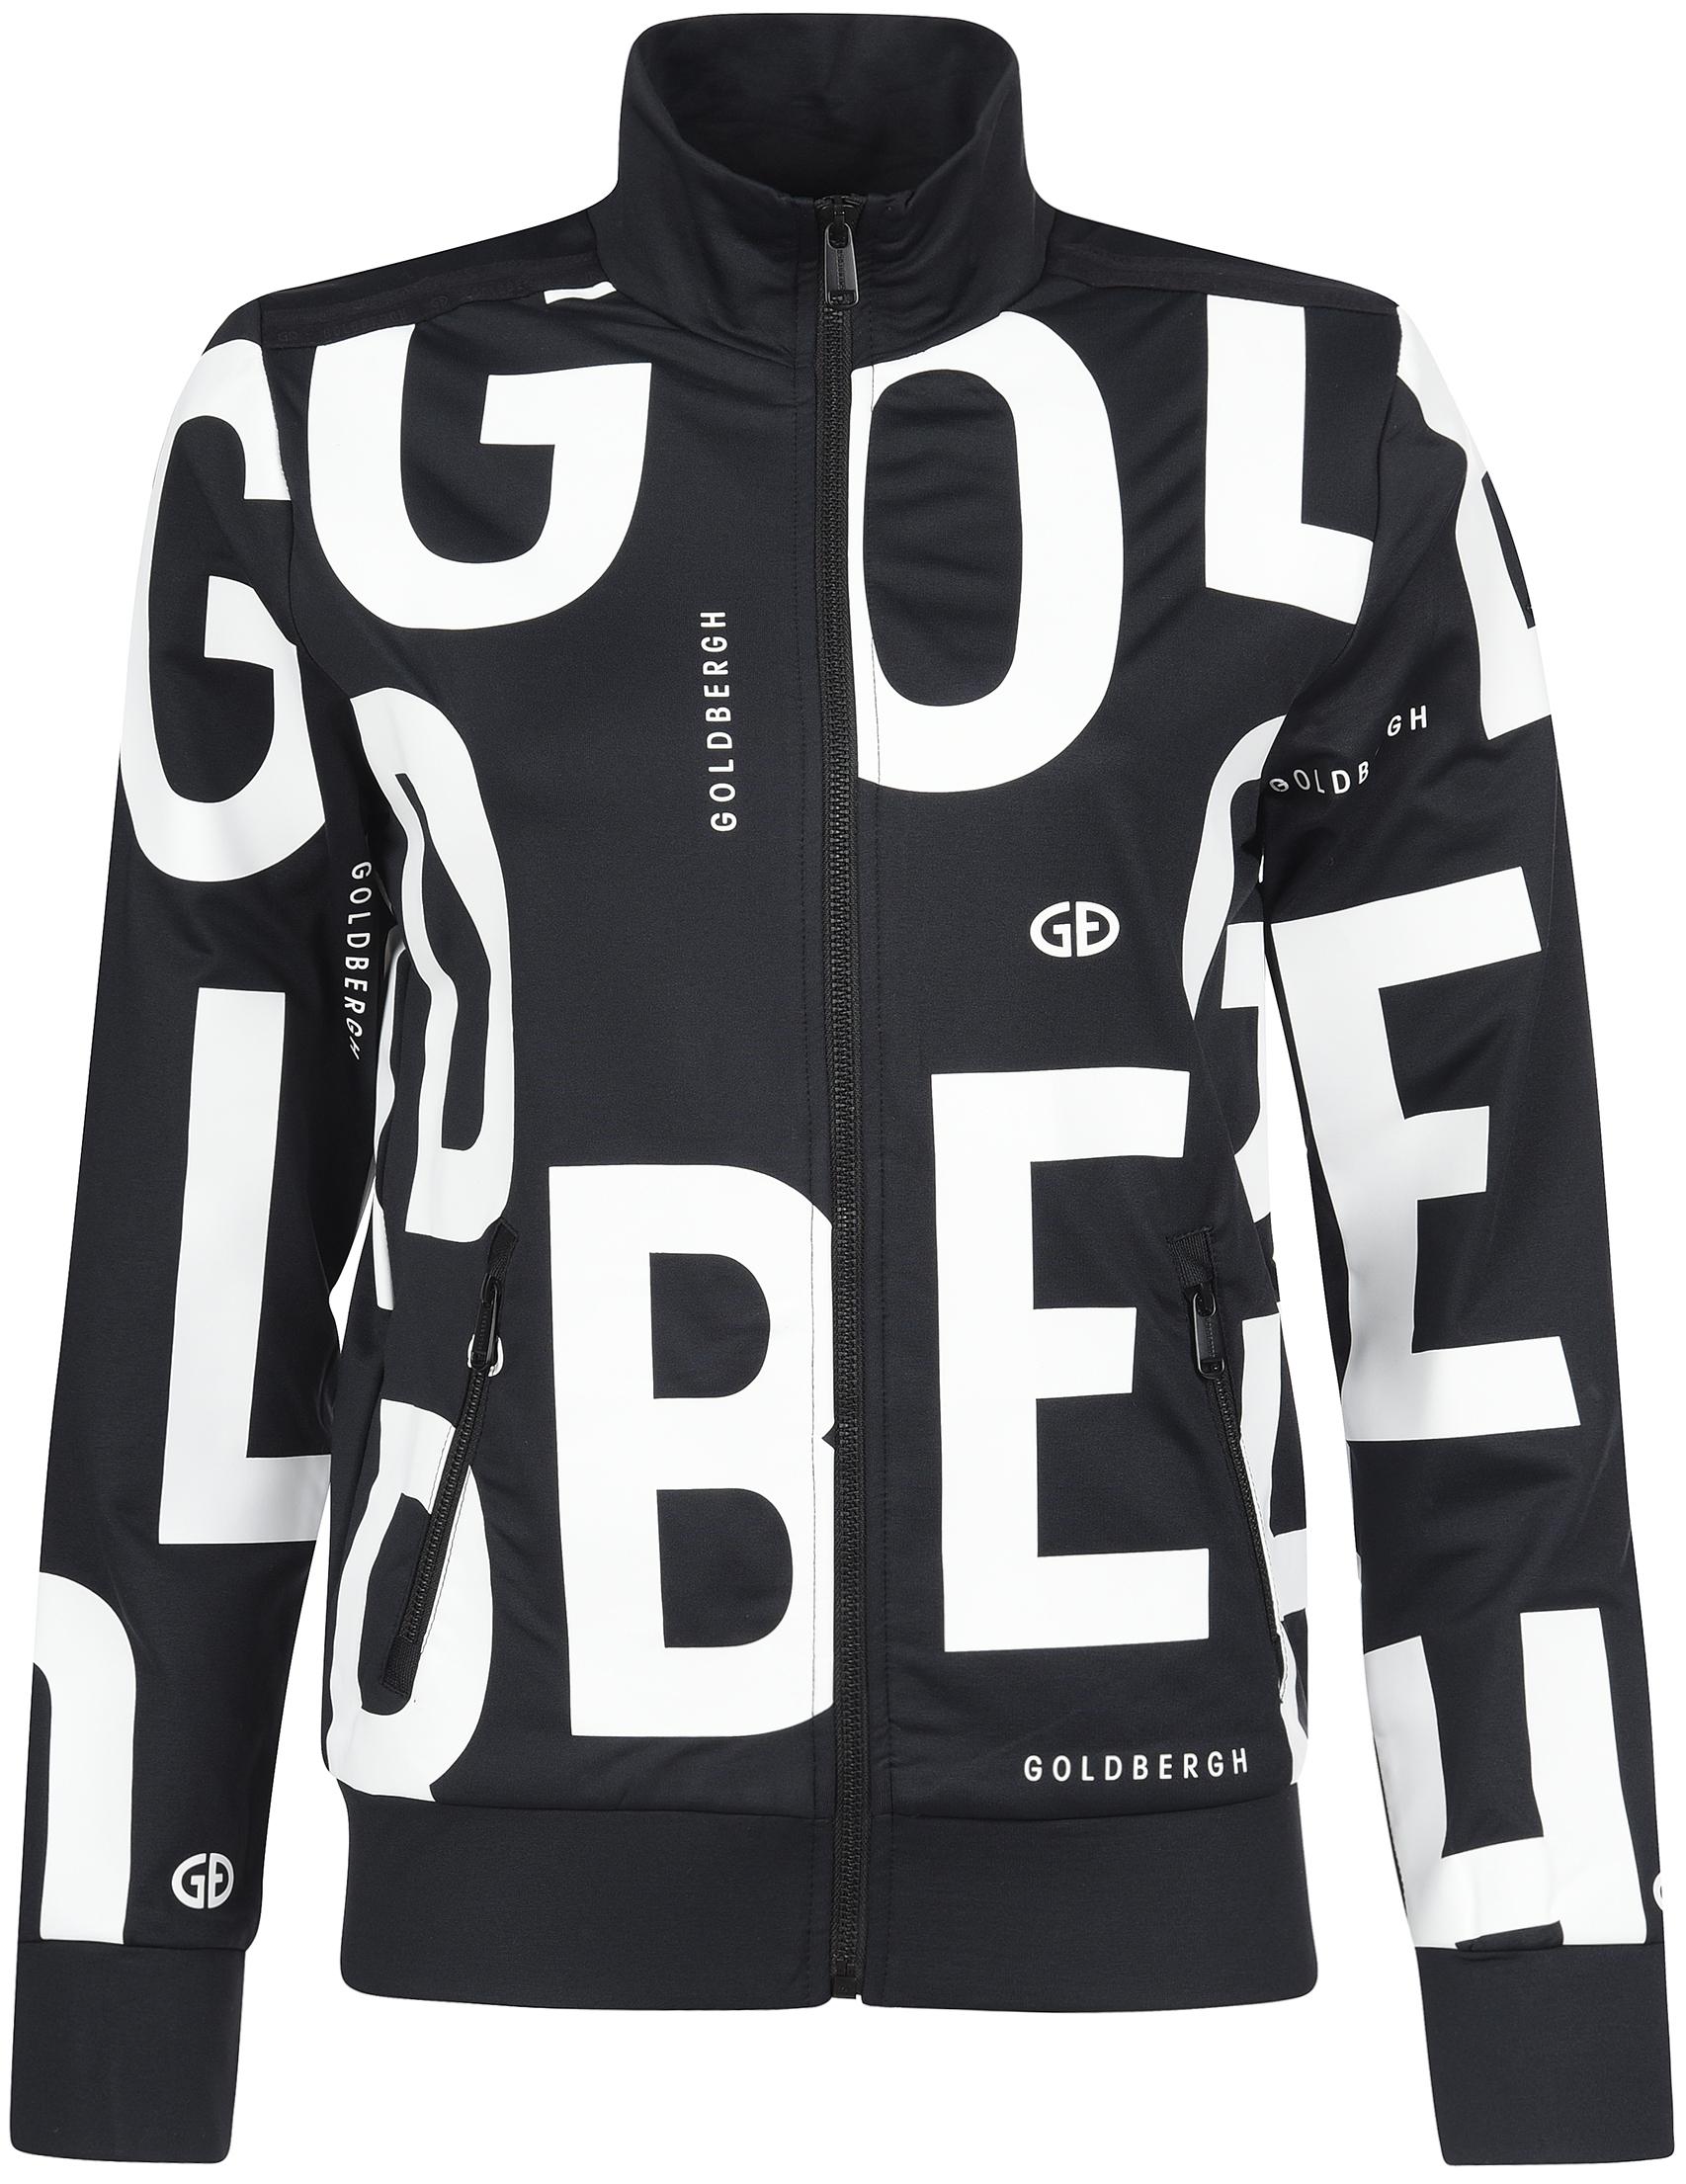 Женская спортивная кофта GOLDBERGH